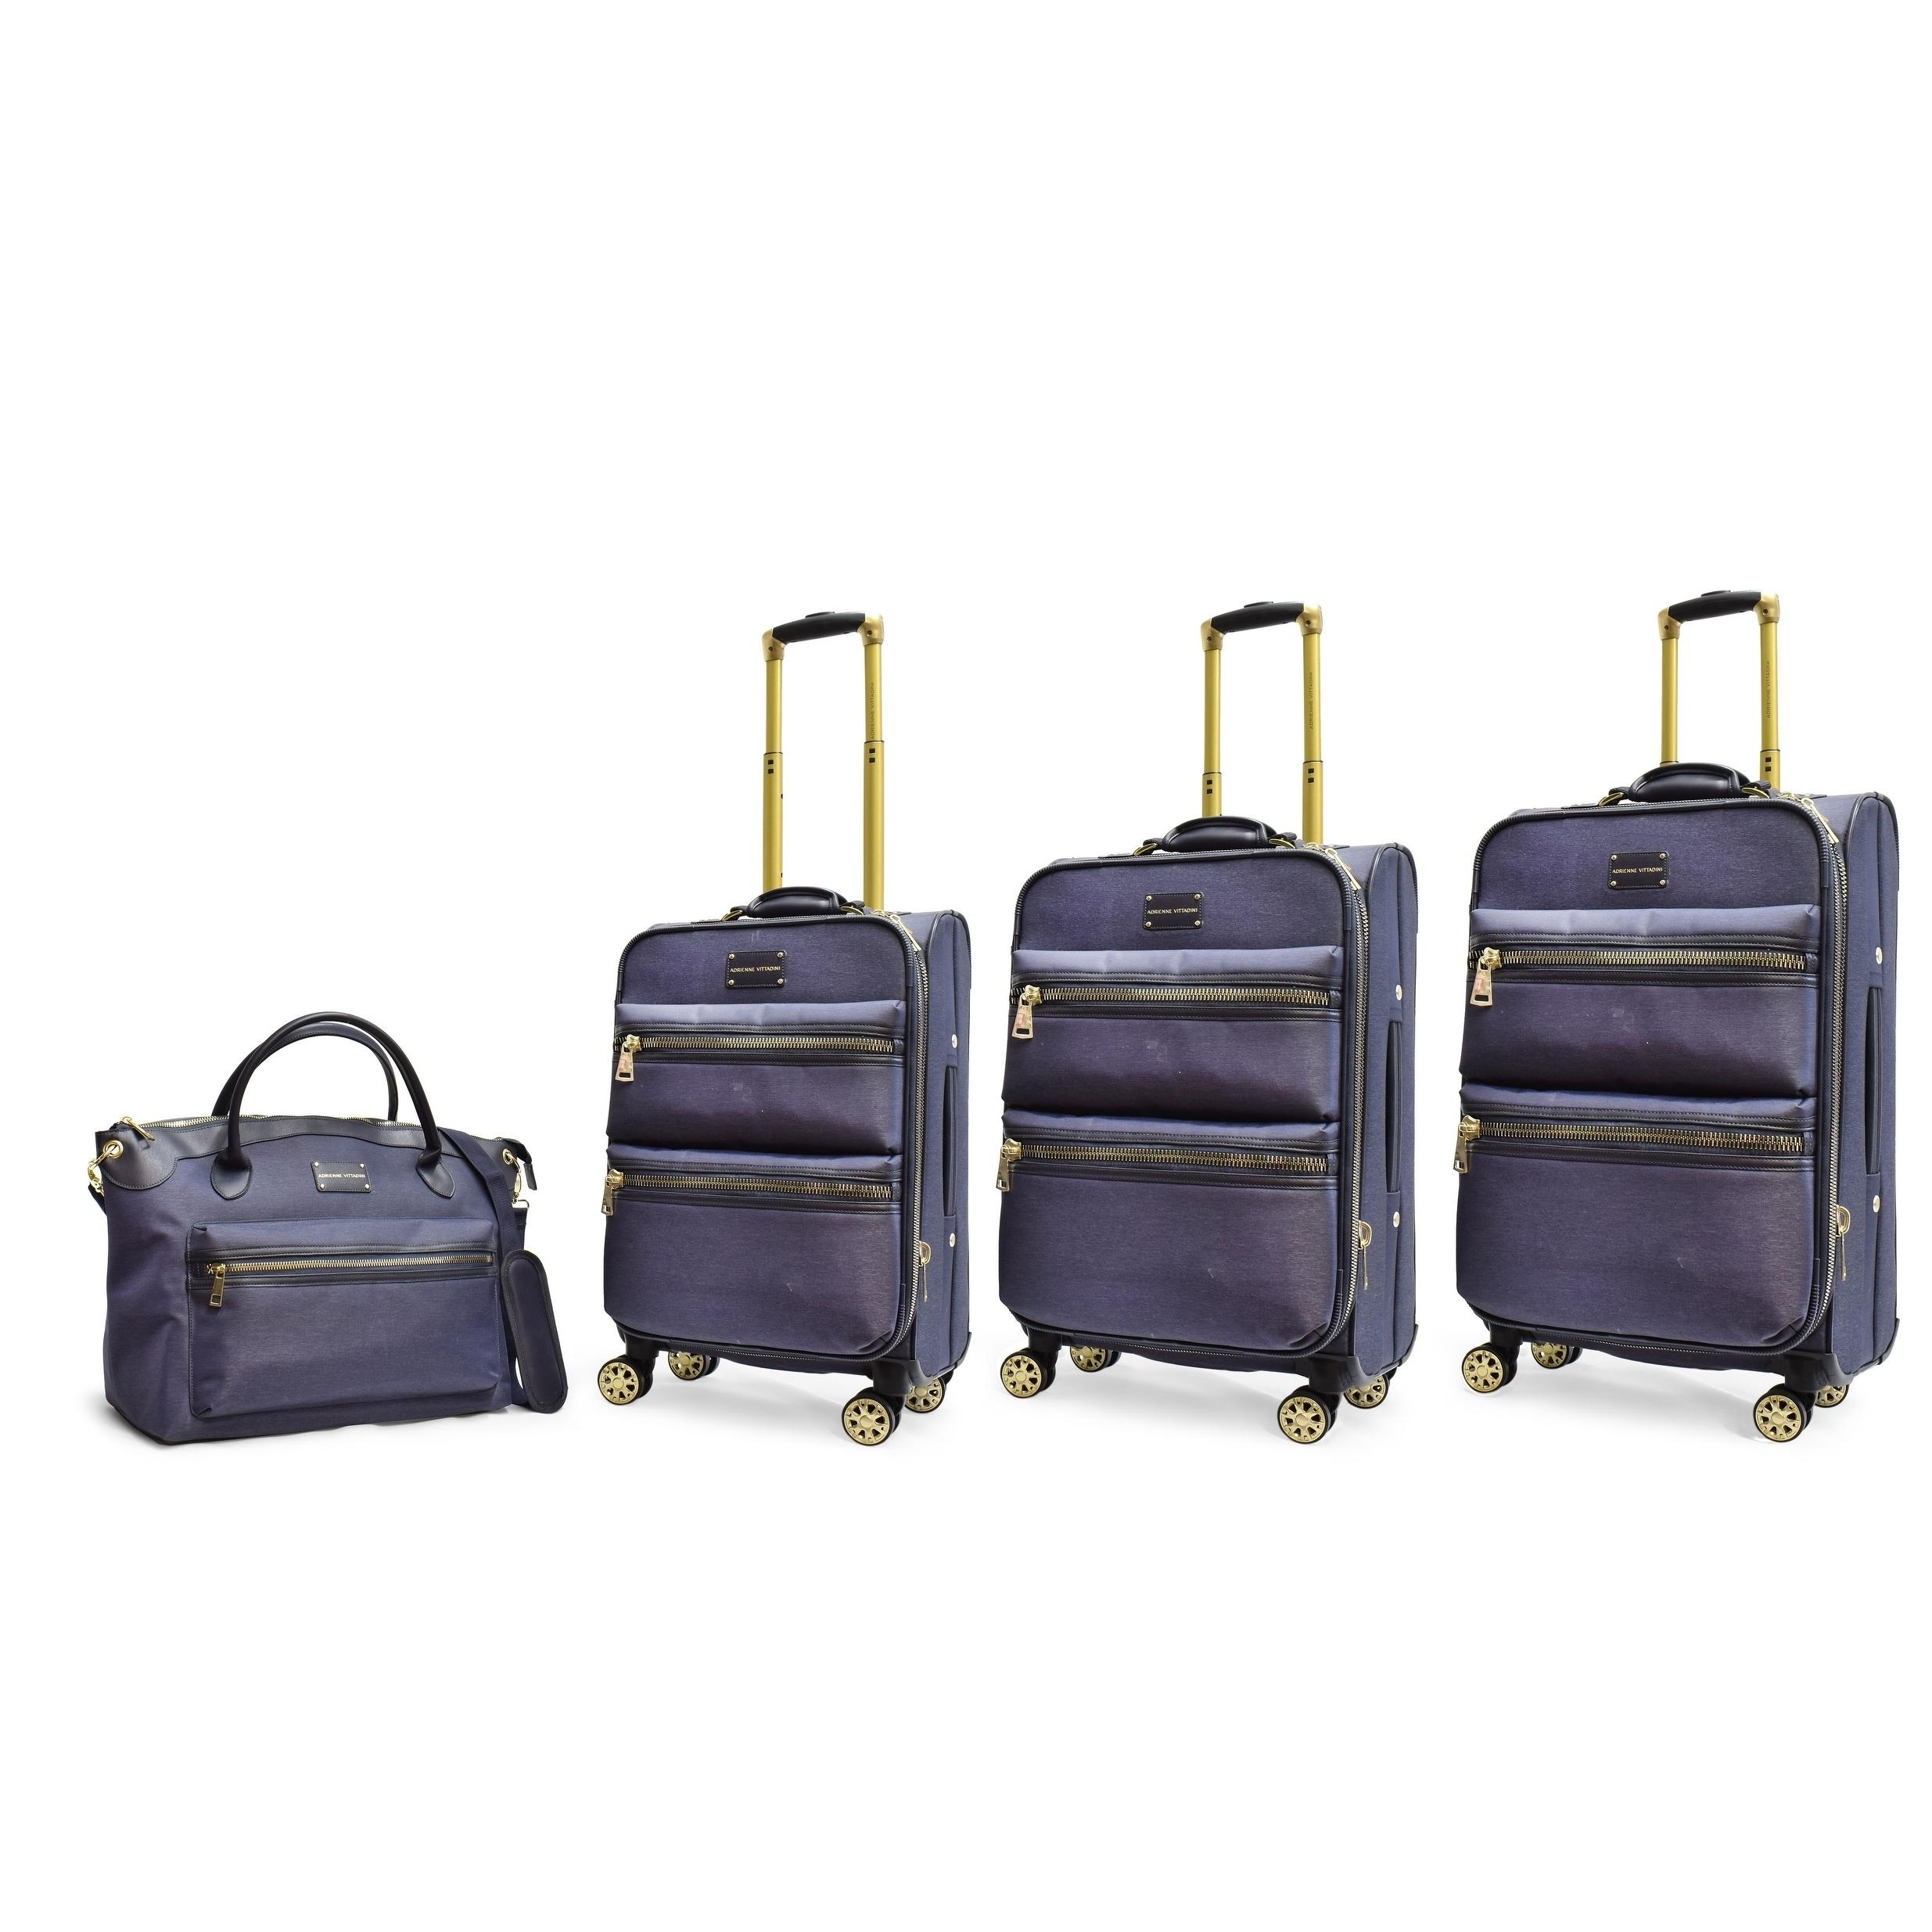 29c39b610f12 Shop Adrienne Vittadini Luggage   Bags